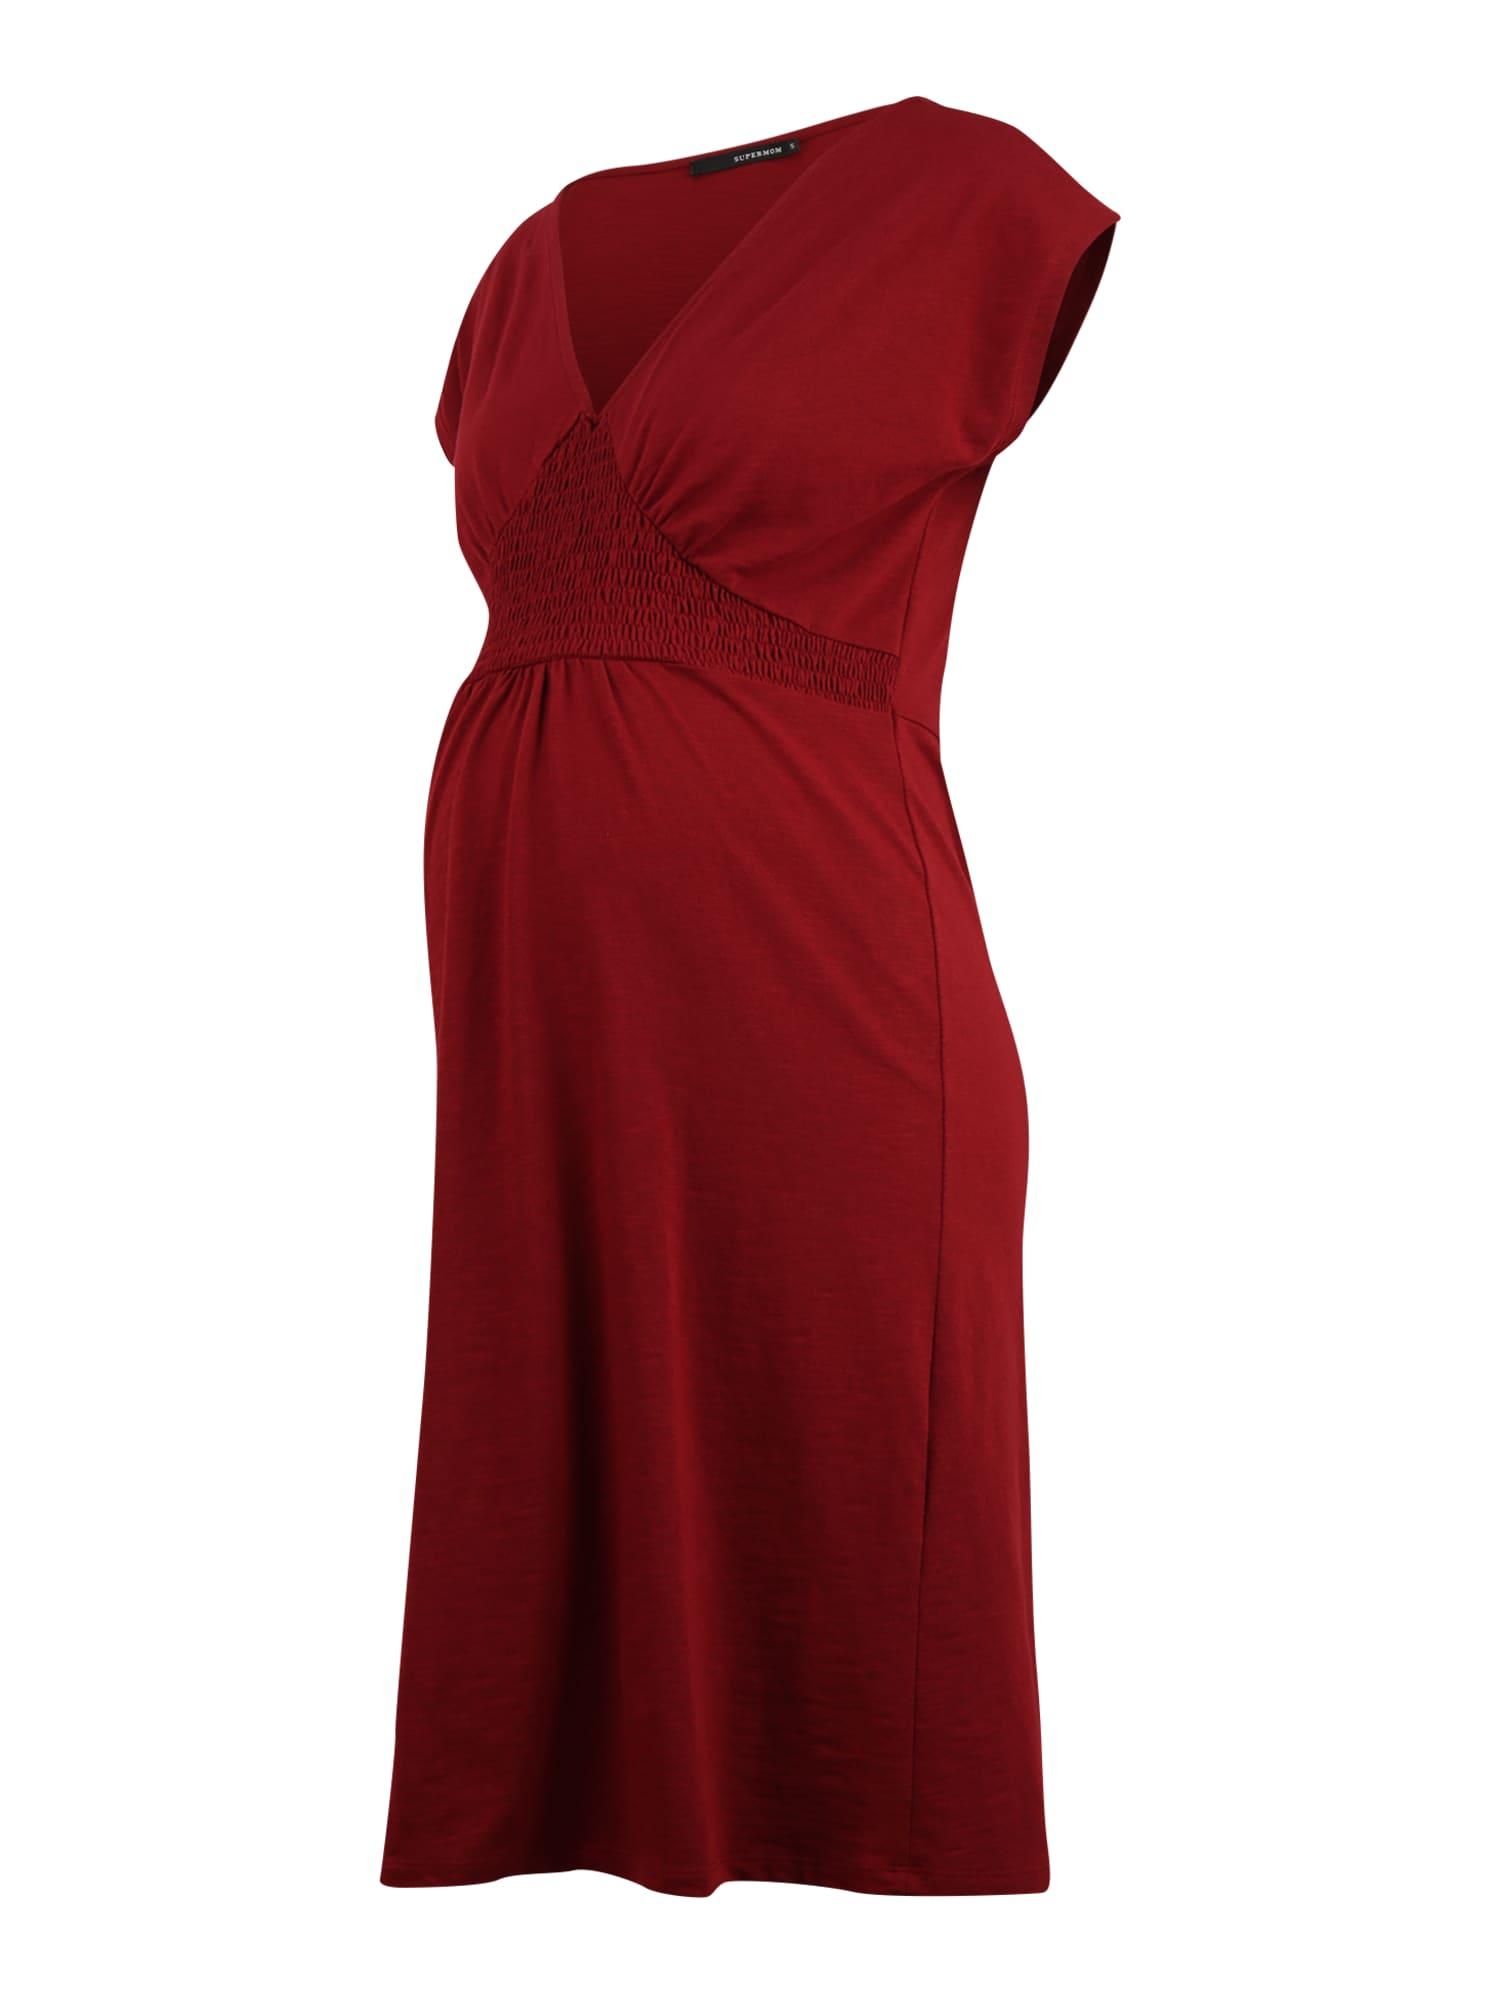 Supermom Suknelė raudona